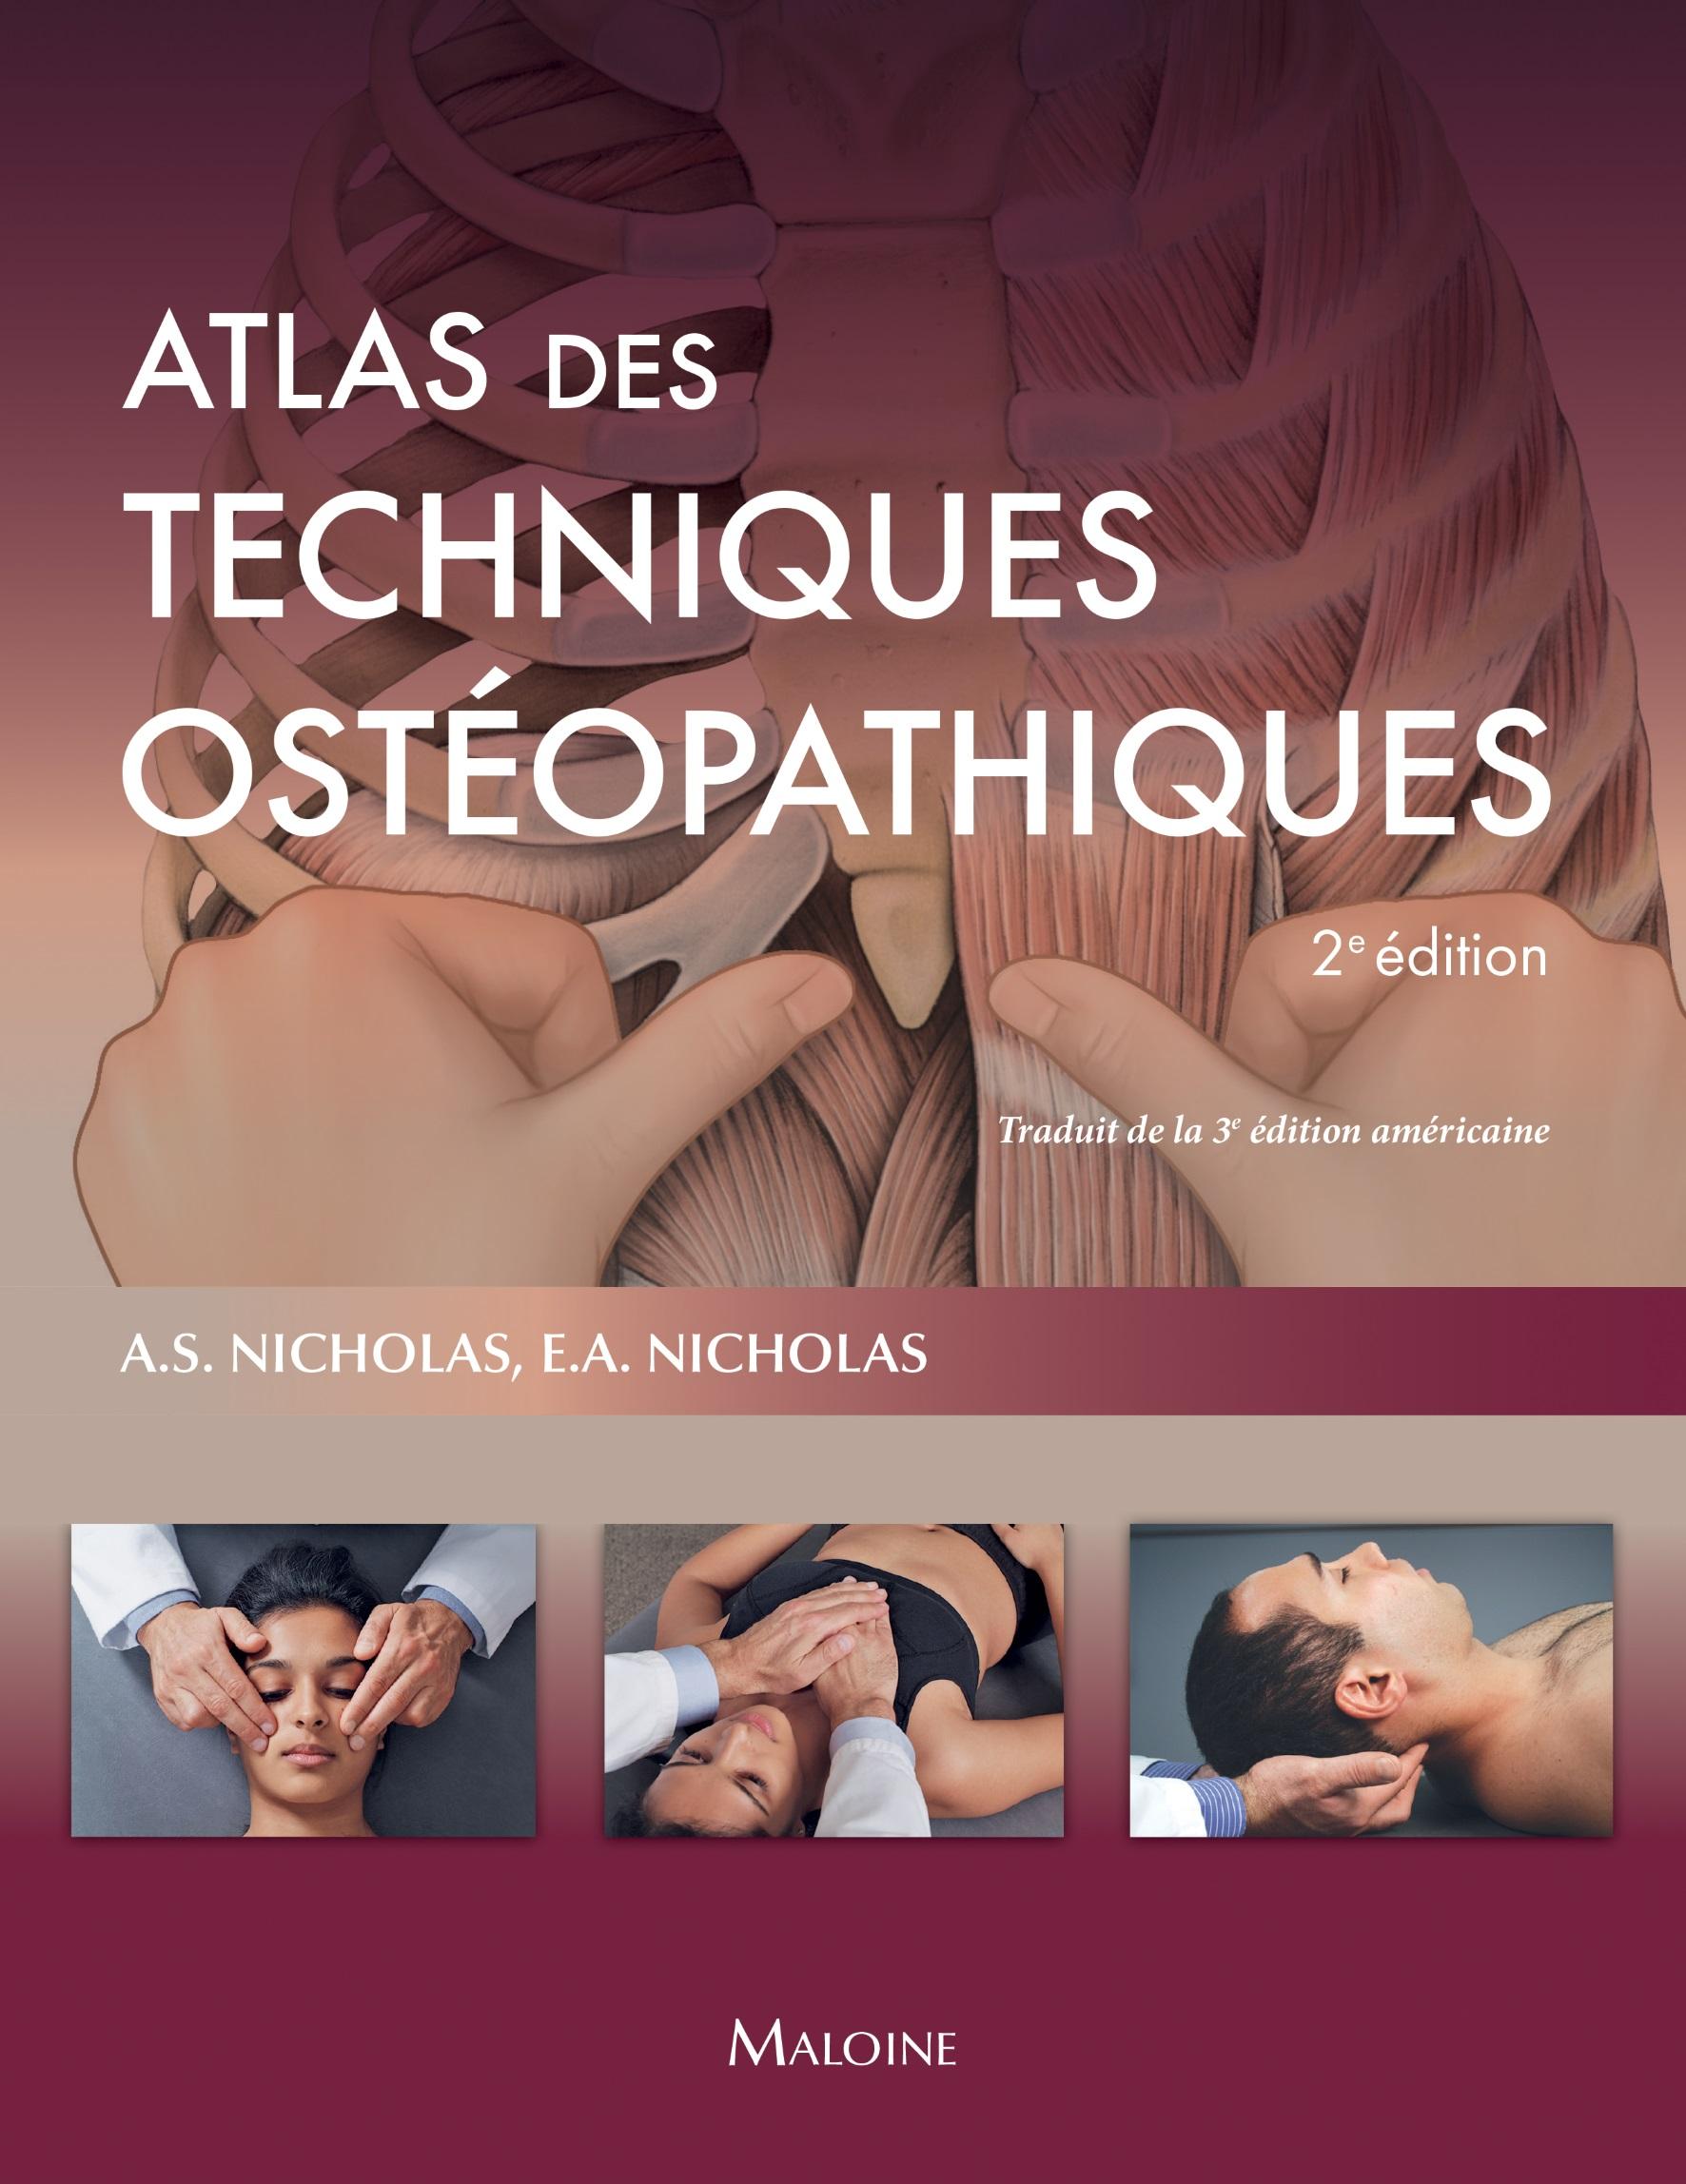 Atlas des techniques ostéopathiques, 2e Edition